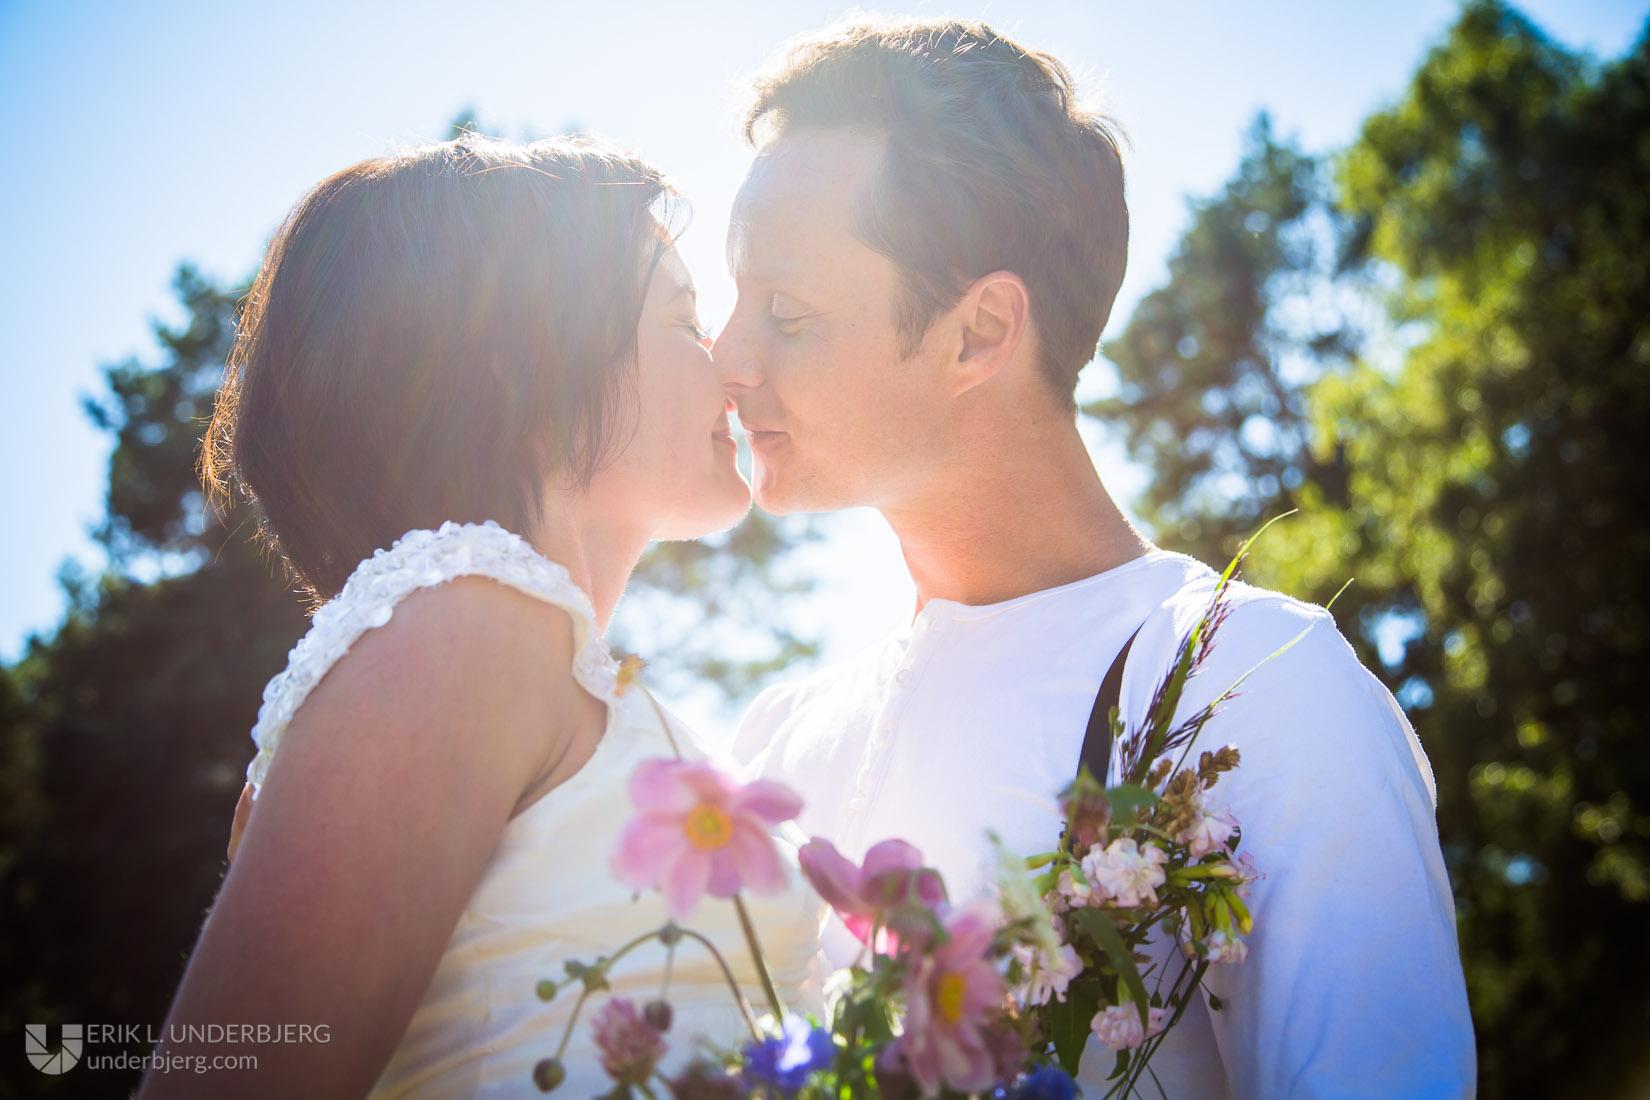 Nygift sommerkys